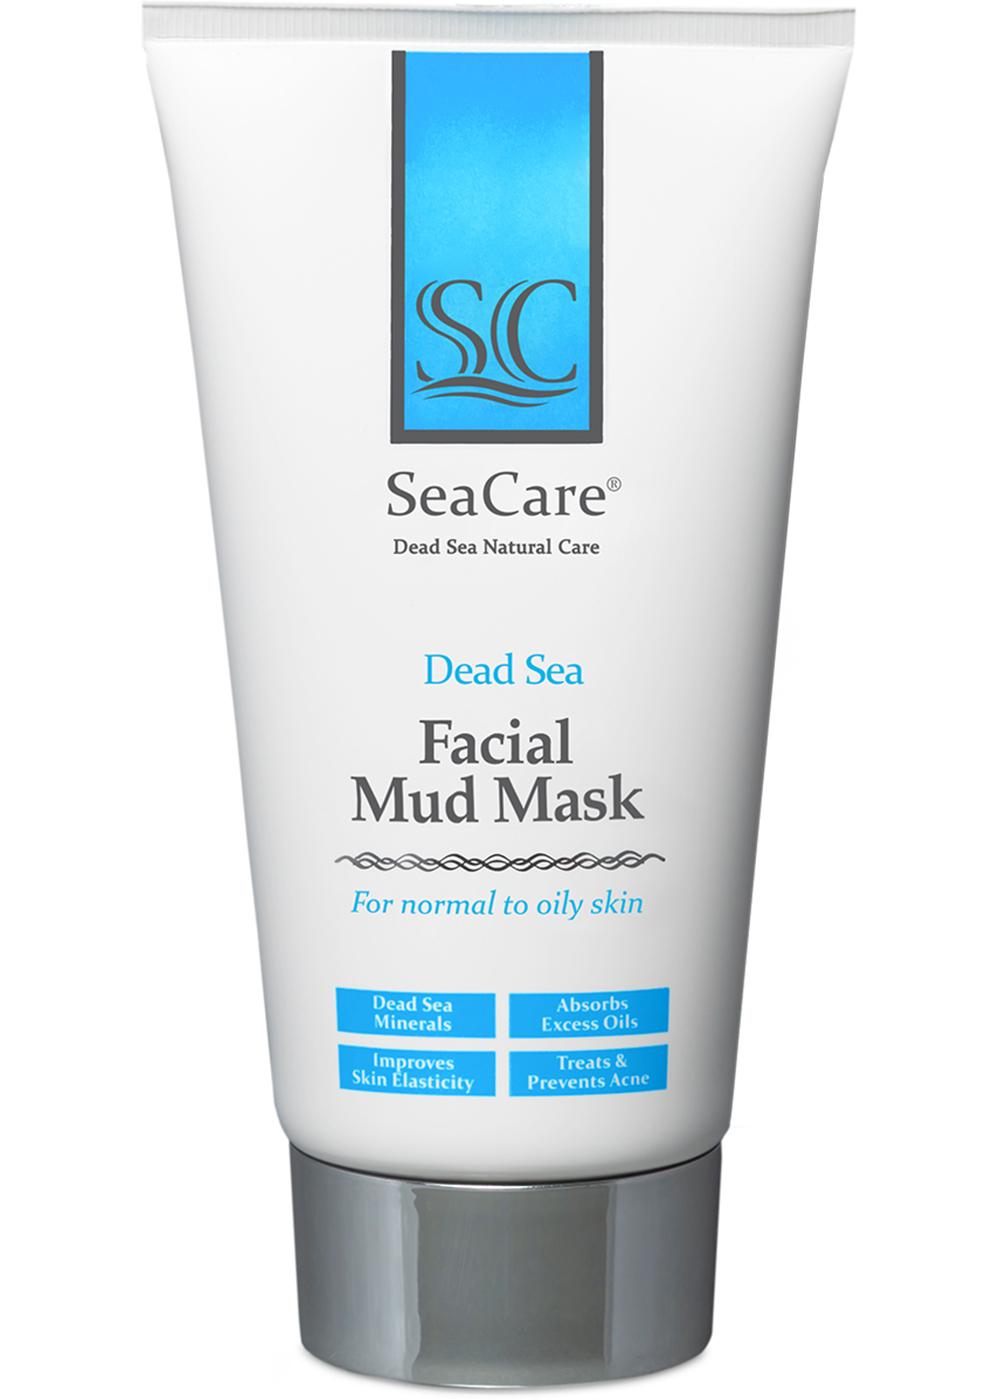 Омолаживающая грязевая маска для лица с минералами Мертвого Моря и растительными экстрактами, 150 мл, SeaCare